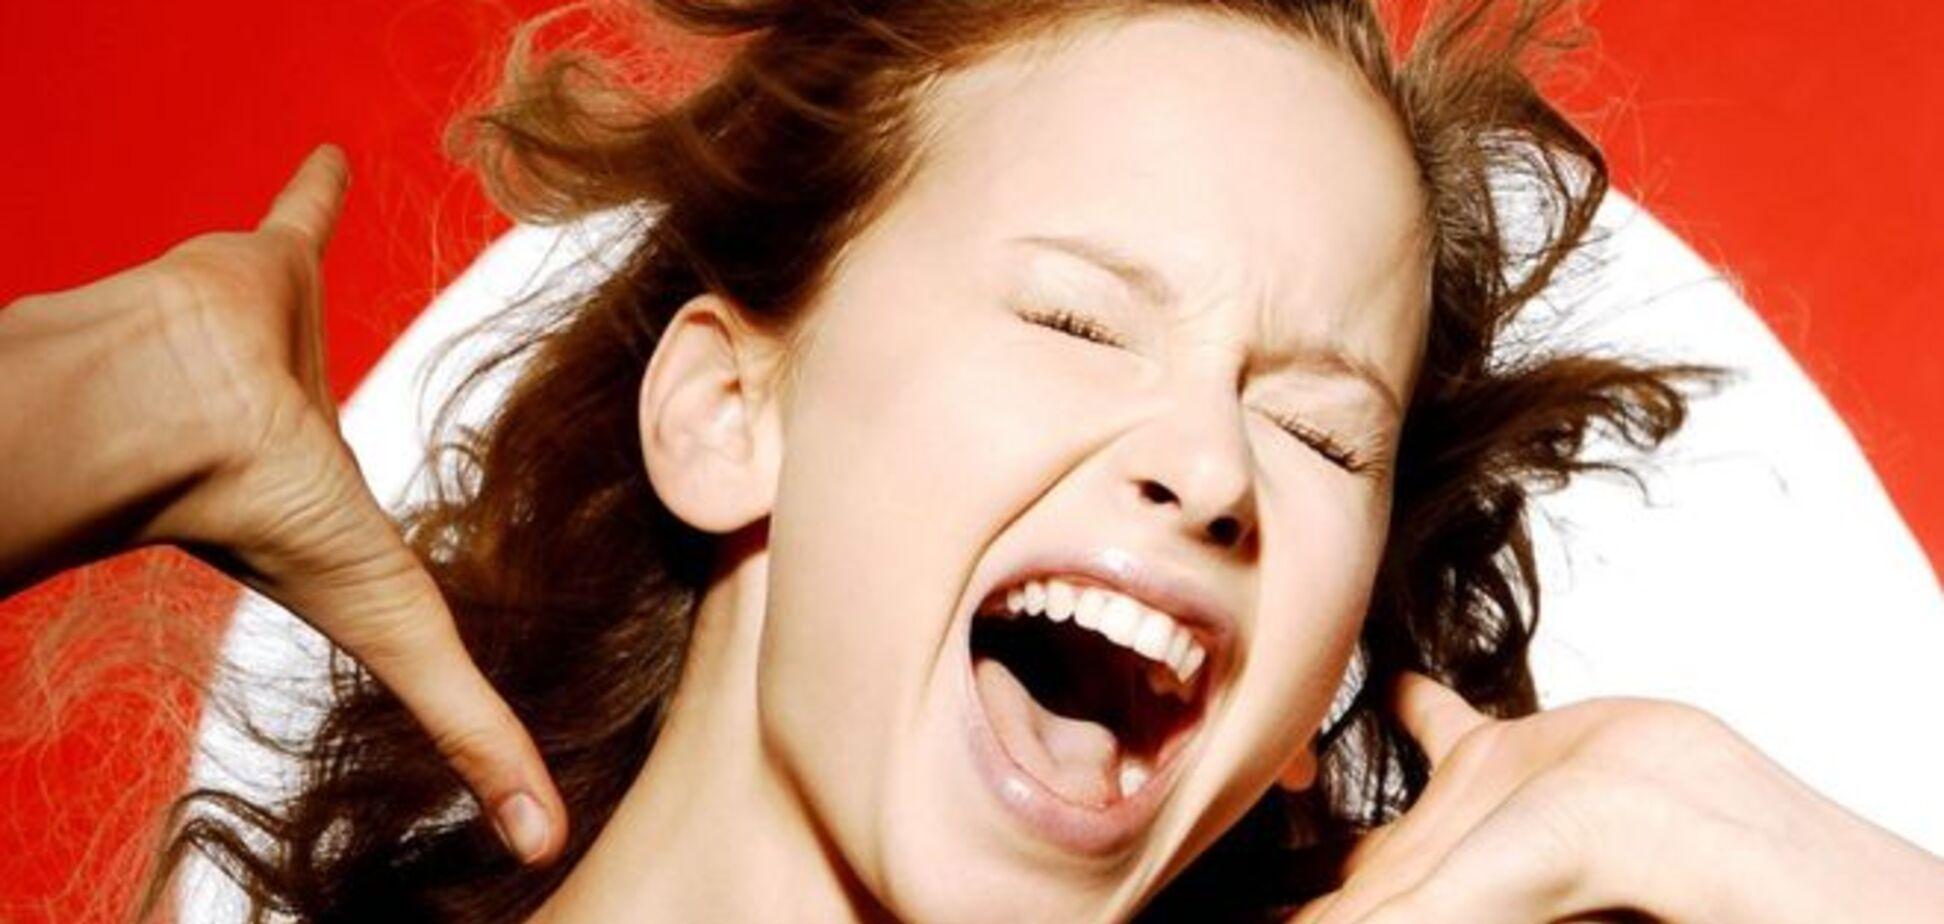 Вчені повідомили про унікальні властивості крику людини